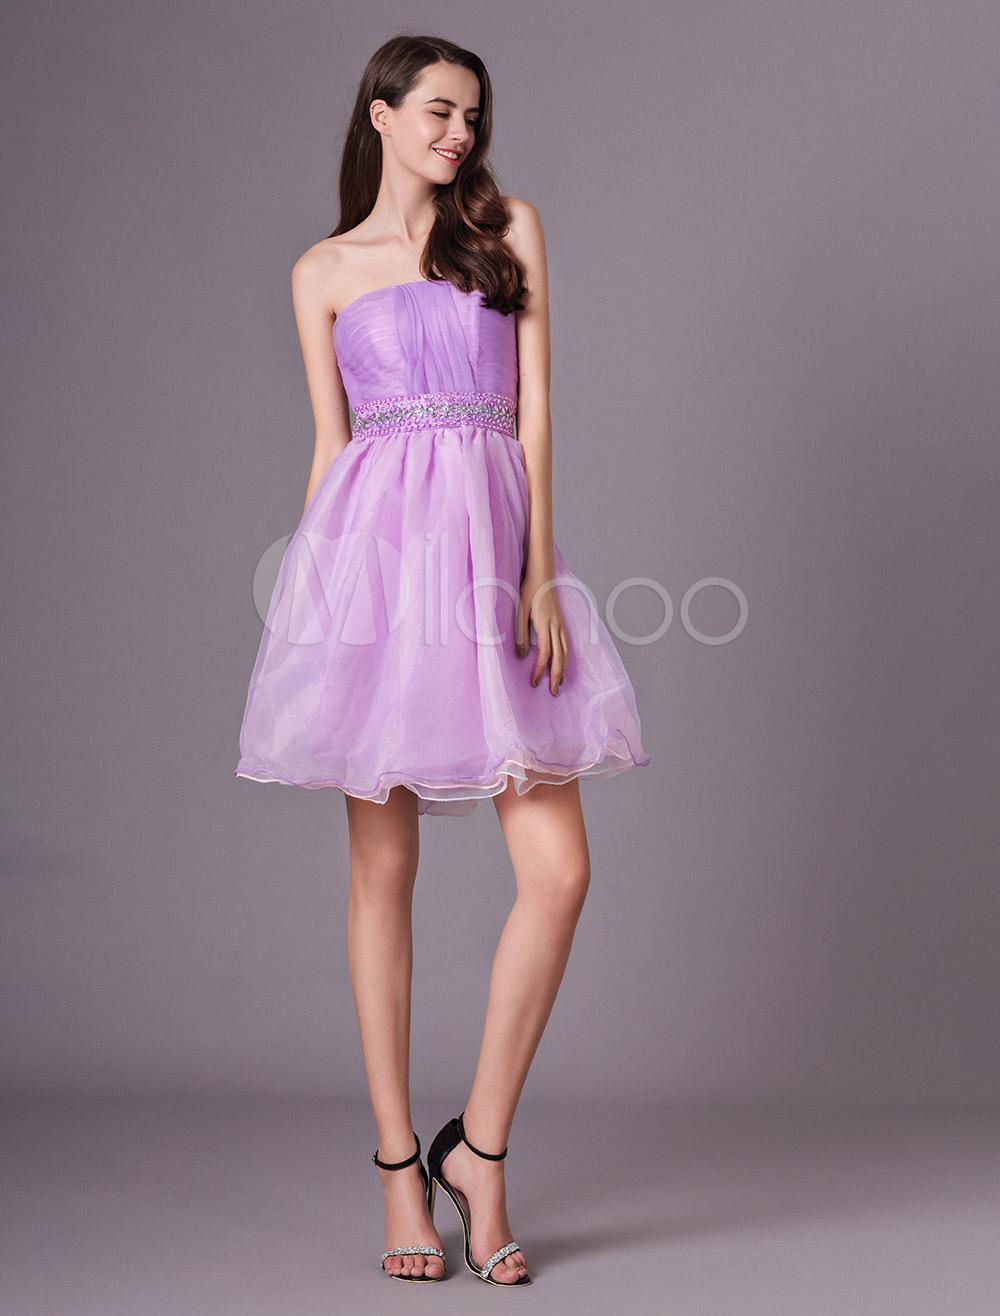 2088ffc9b42d vestito+elegante+corto - Matrimonio Abbigliamento Donna Abbigliamento Uomo  Scarpe Cosmesi Gioielli   Orologi Costumi Elettronica - Milanoo.com